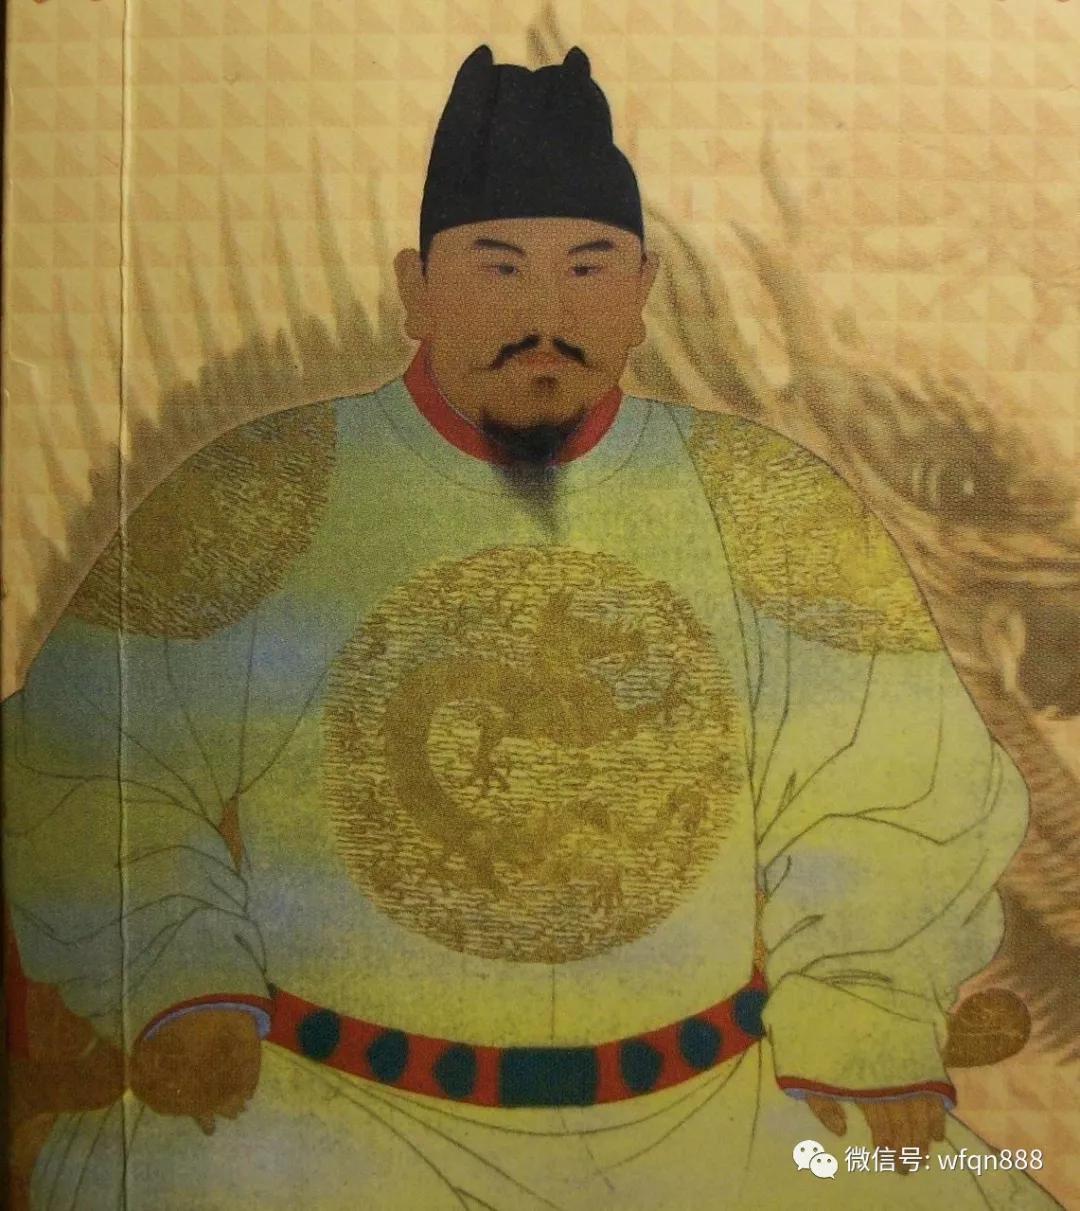 朱元璋设计害死了徐达,为何最后还让徐达的墓碑高过自己的墓碑?